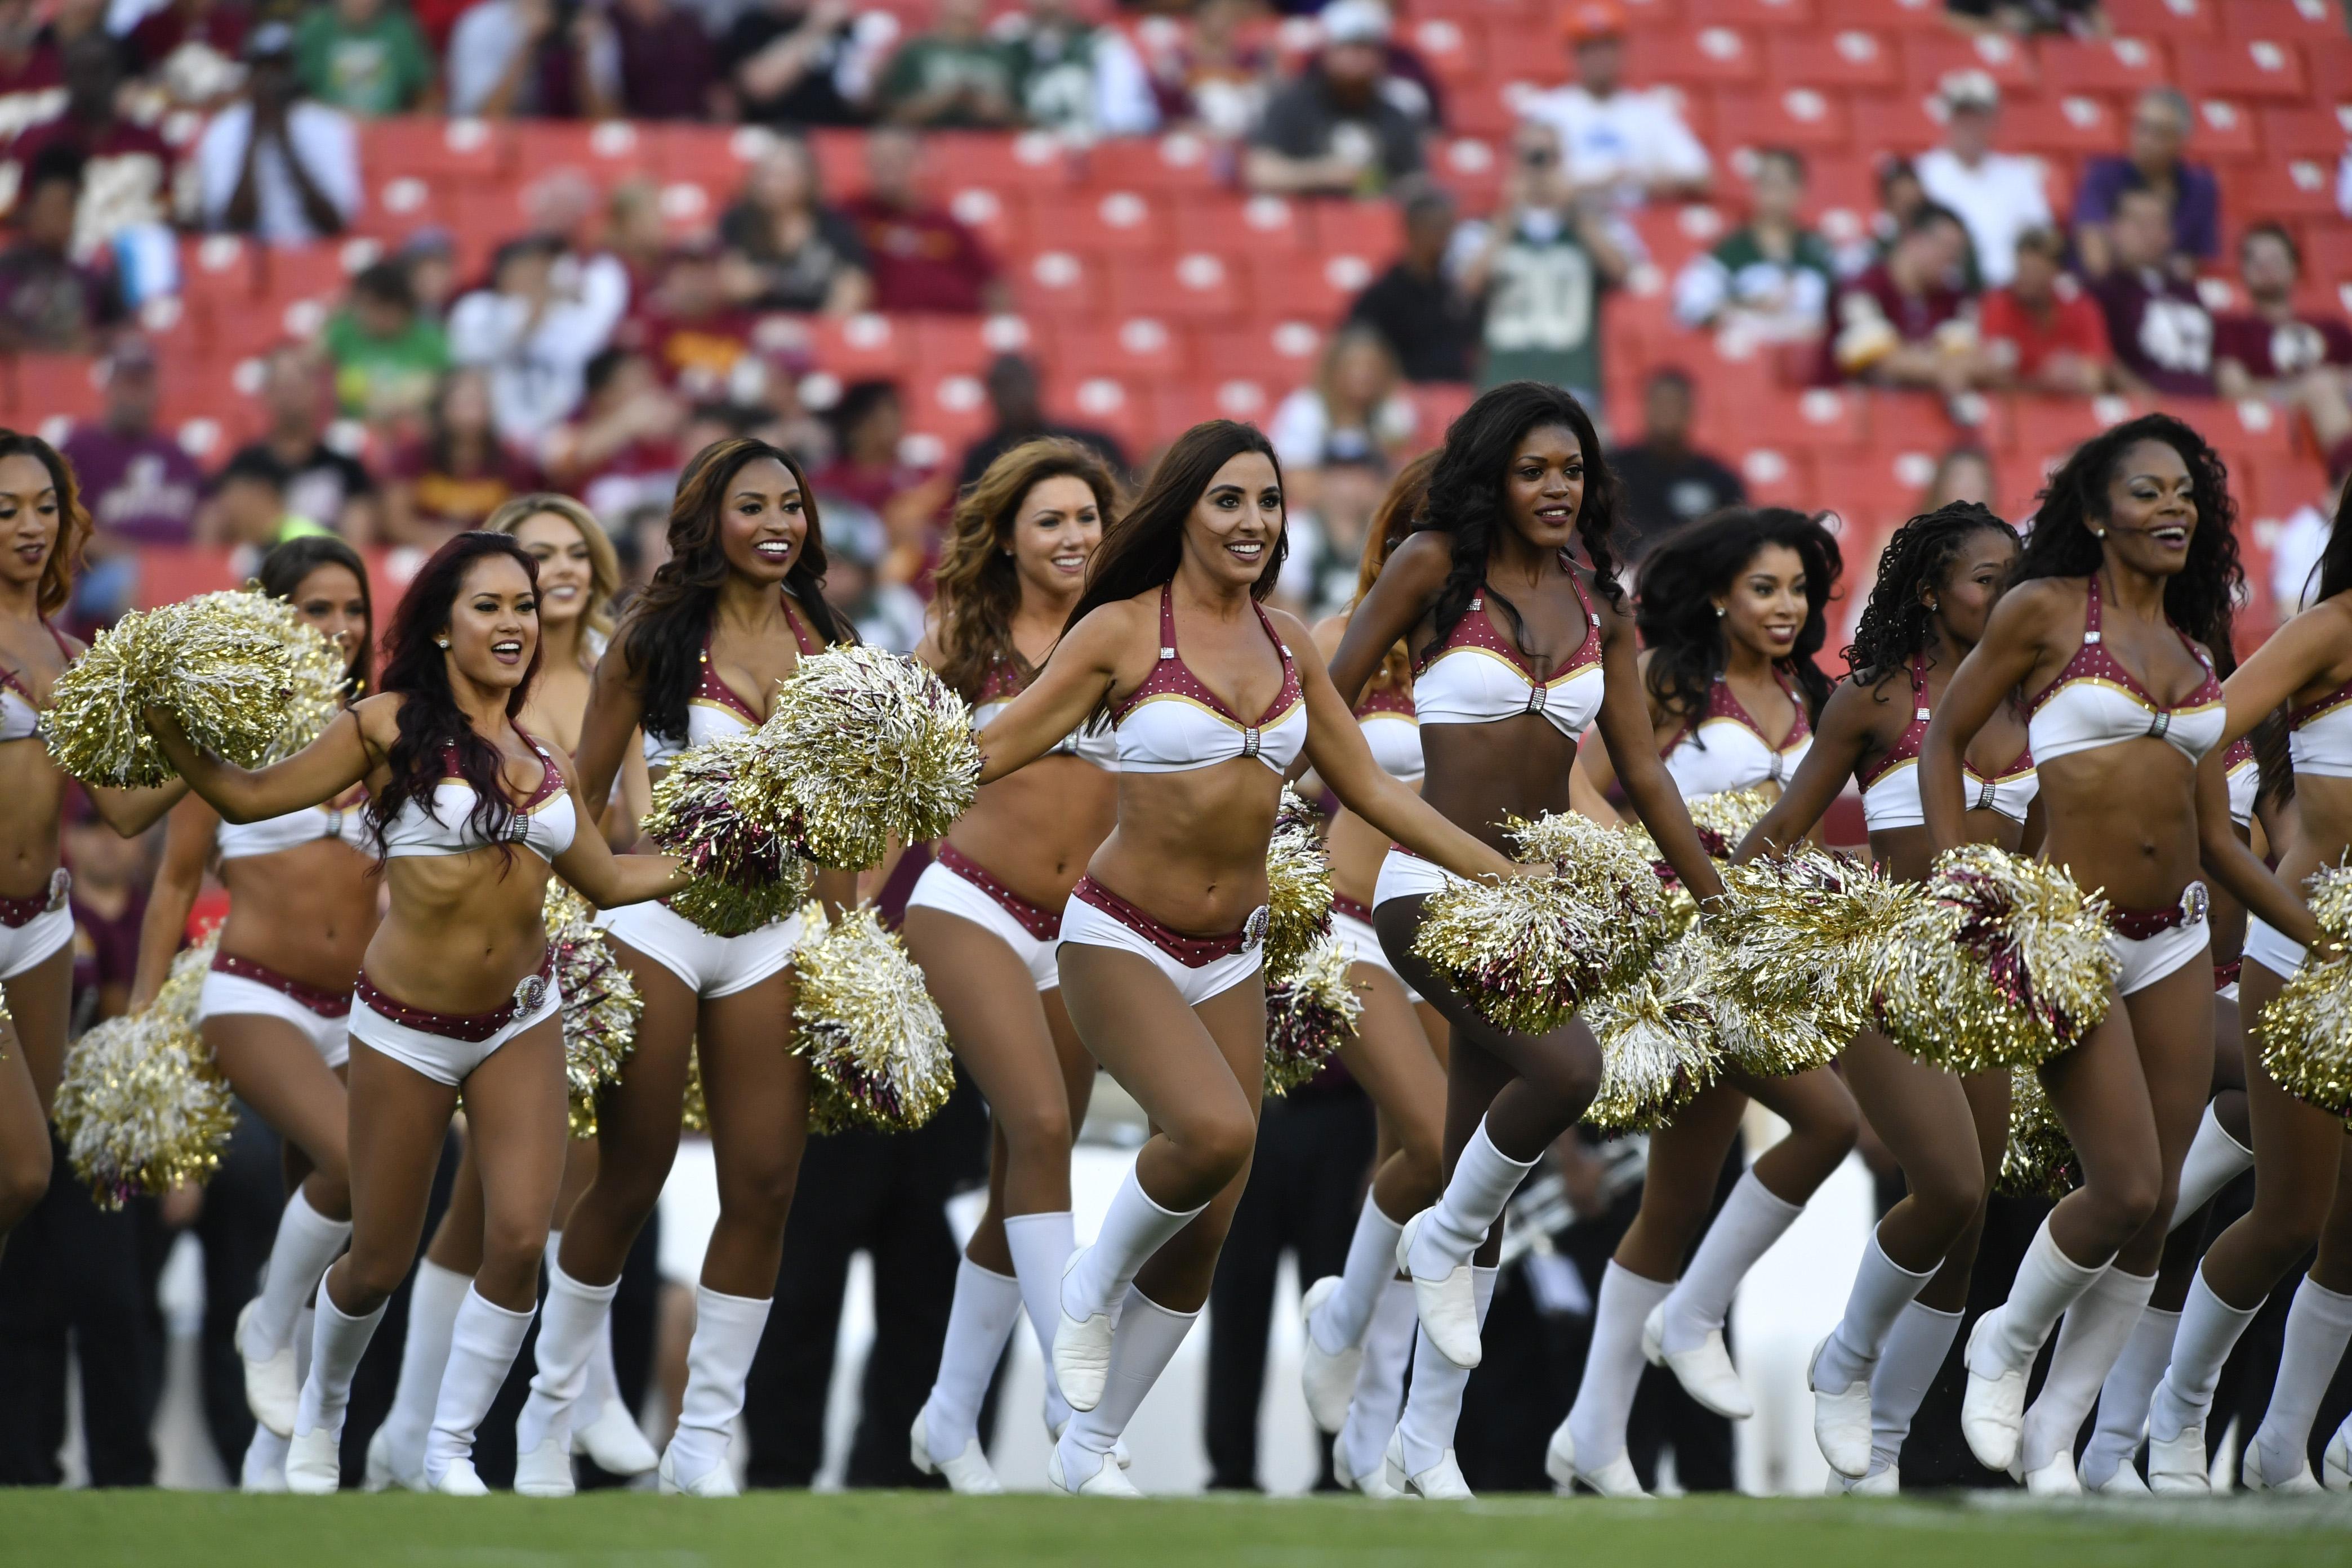 New York Jets v Washington Redskins